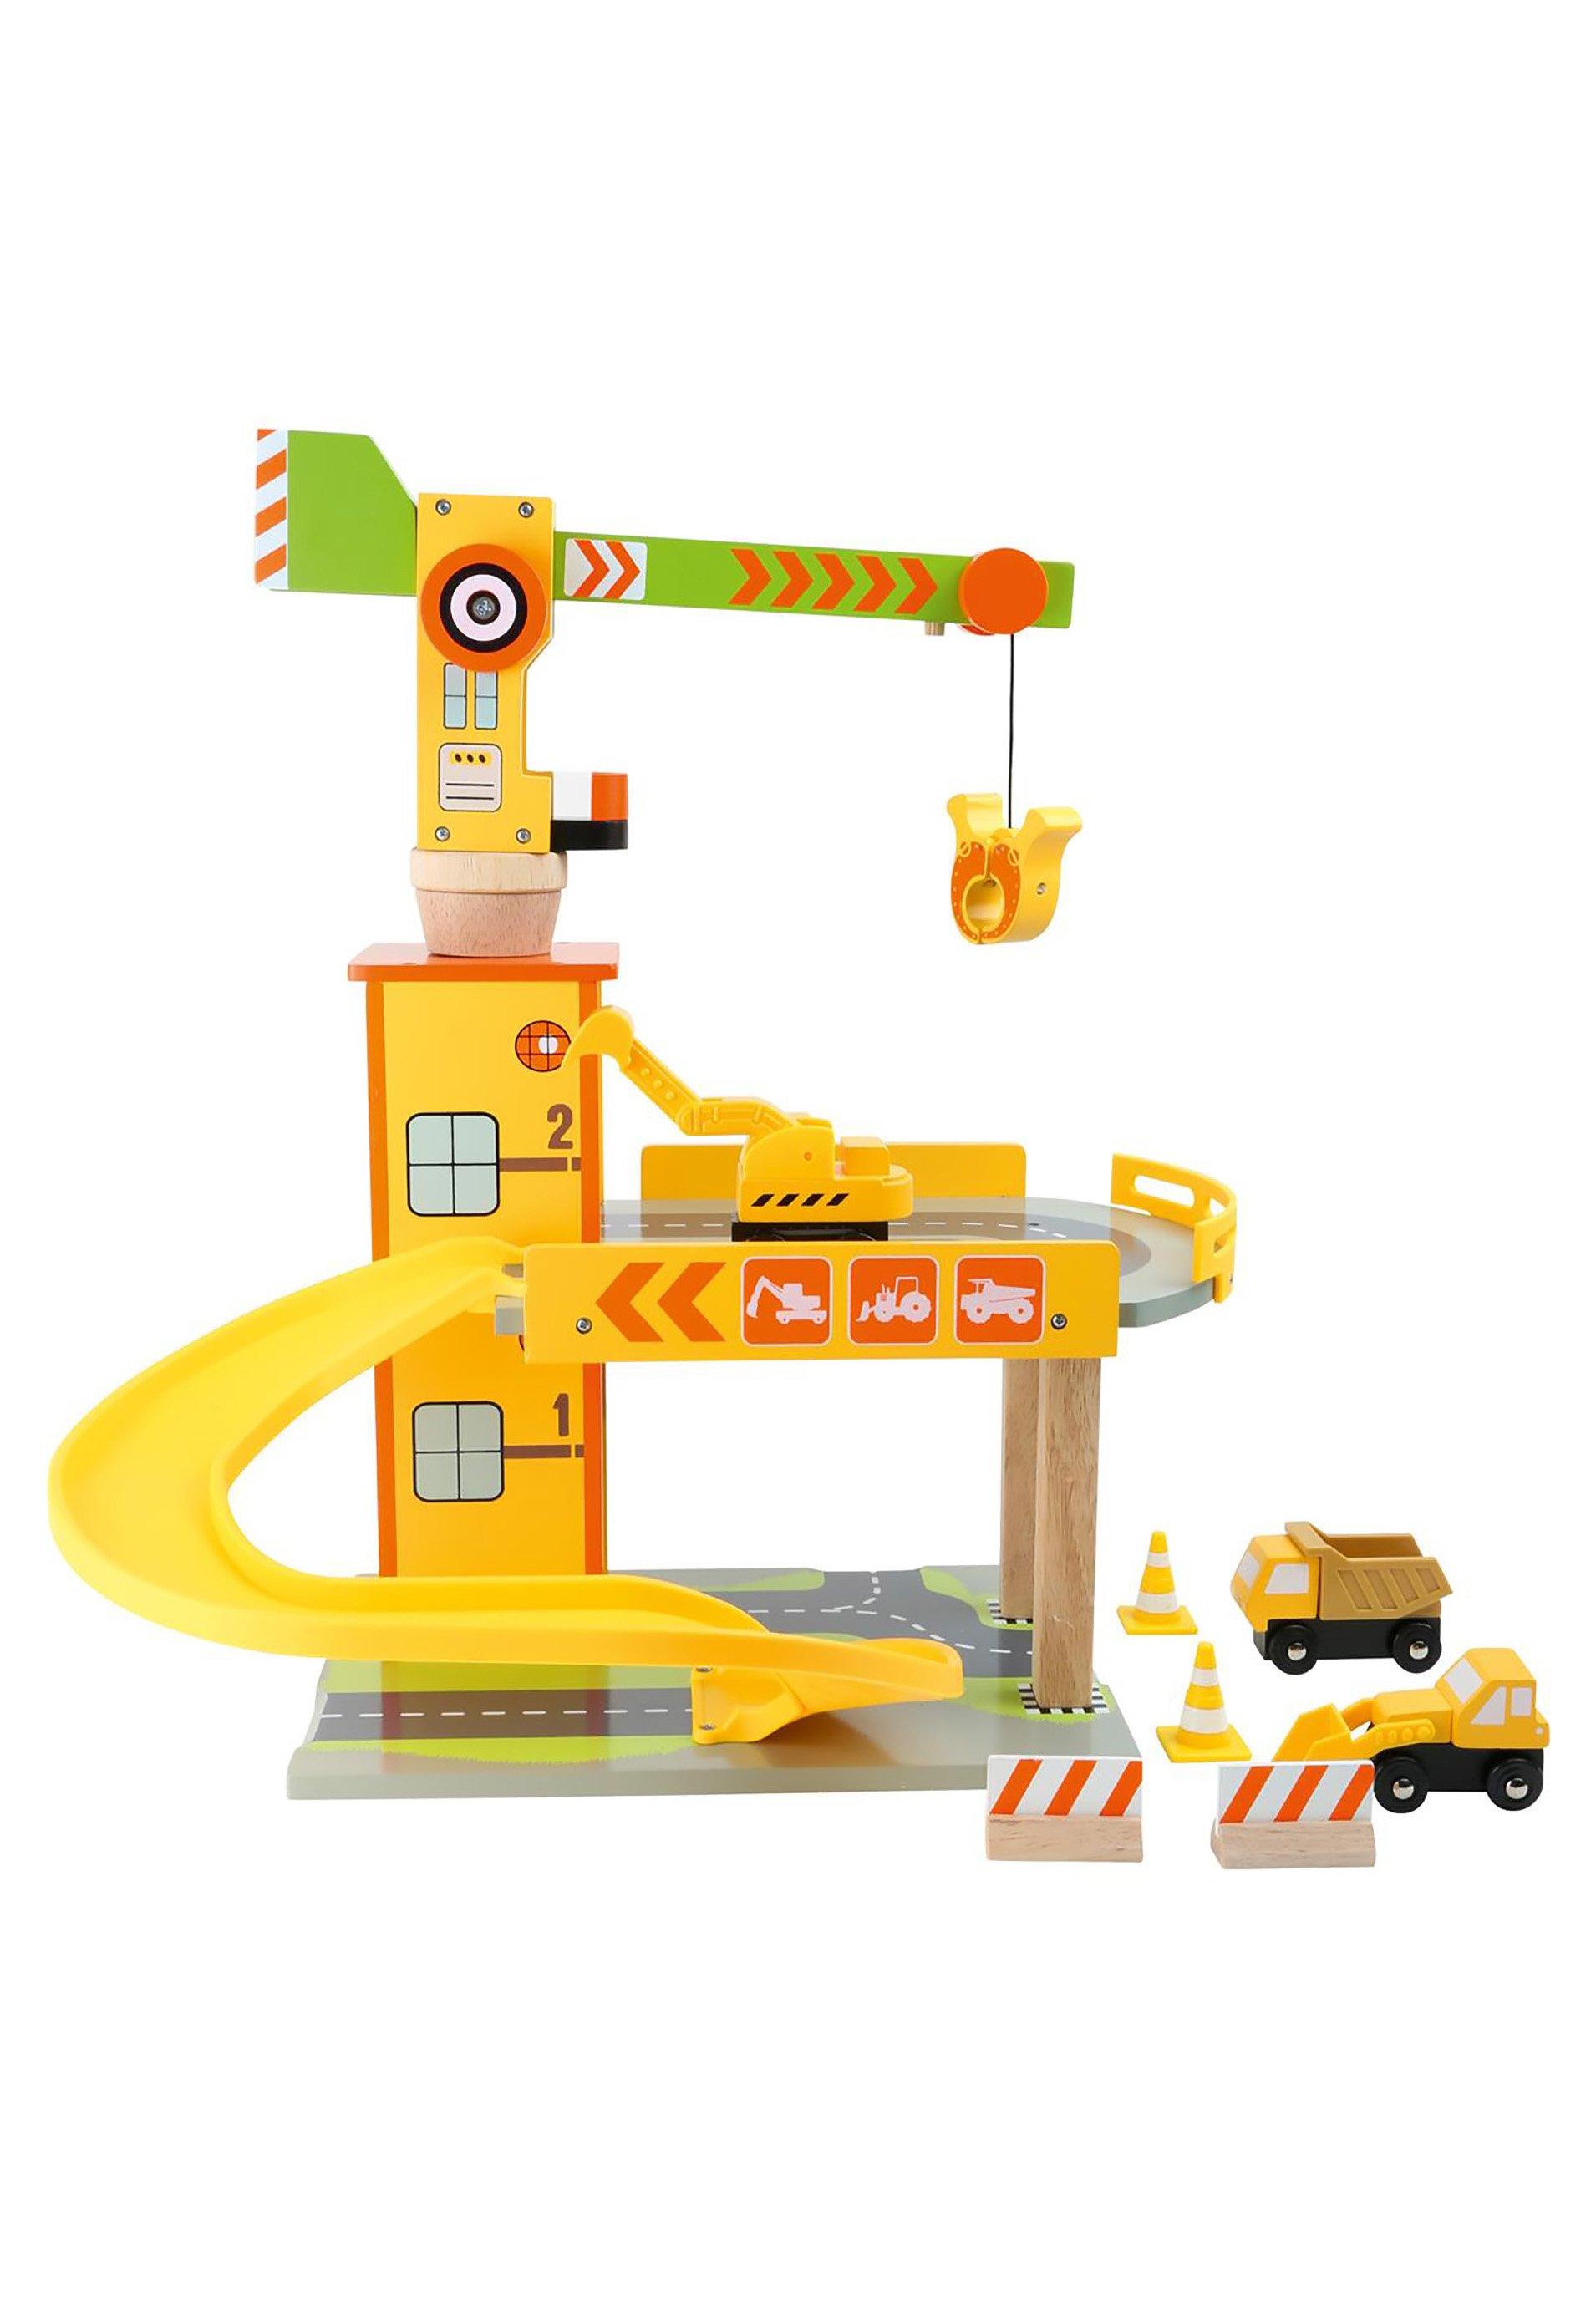 Kinder PARKGARAGEN PARKHAUS BAUKRAN - Spielzeug